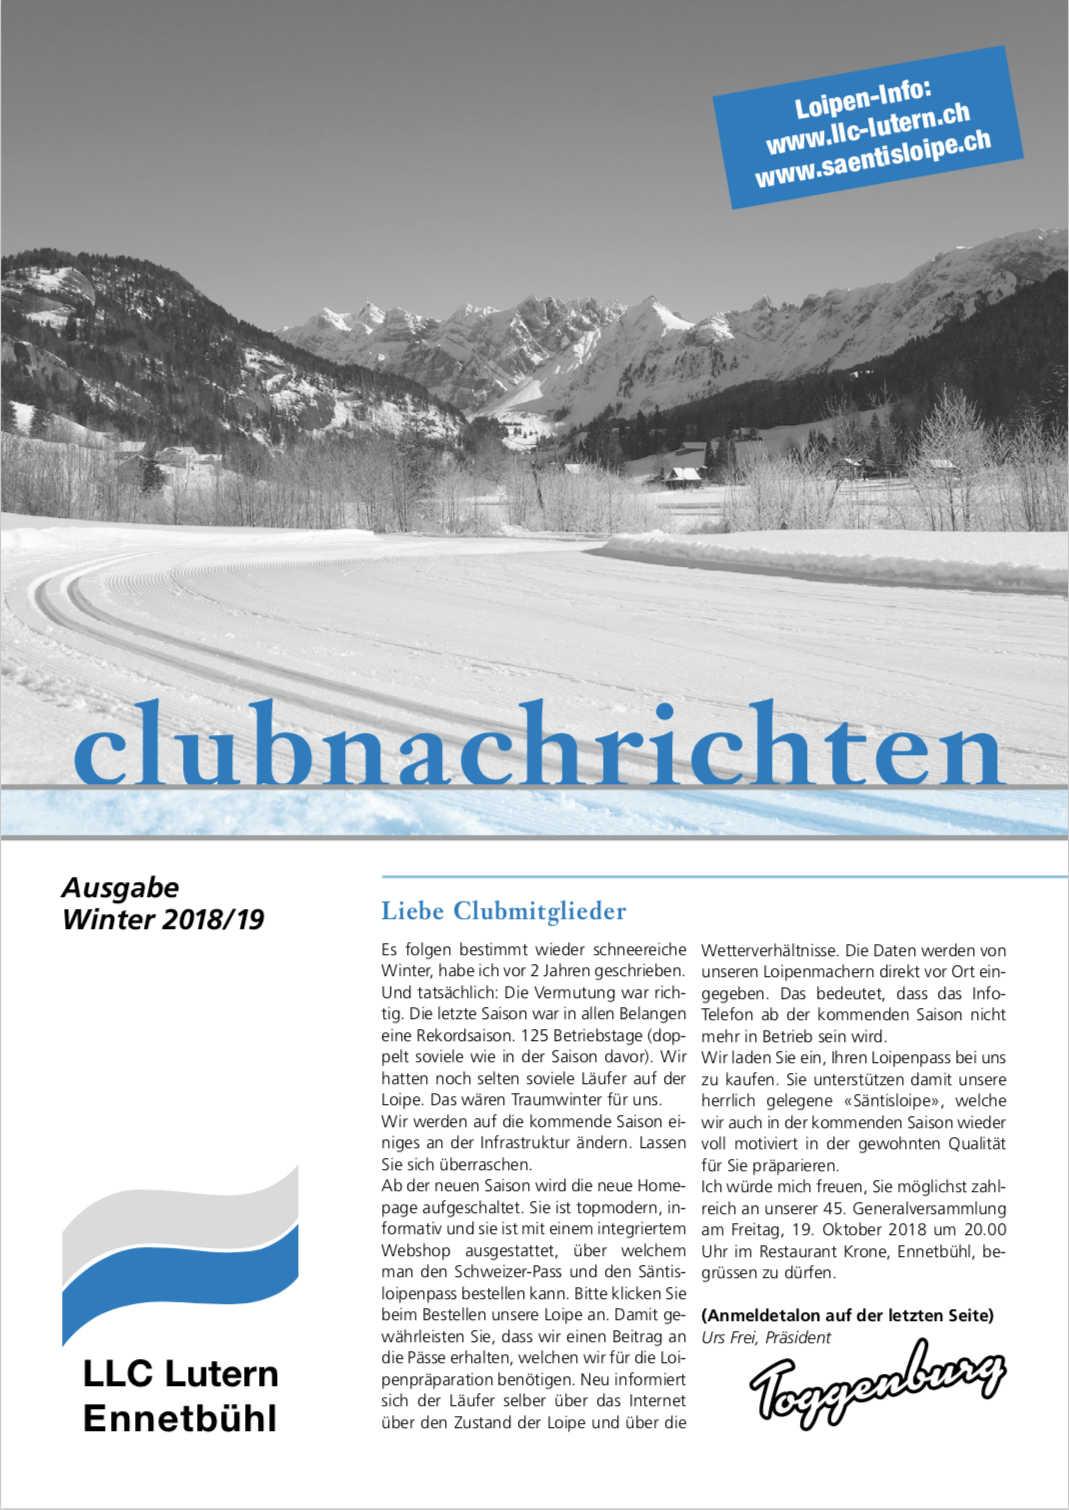 clubnachrichten-18-19_600x424-50